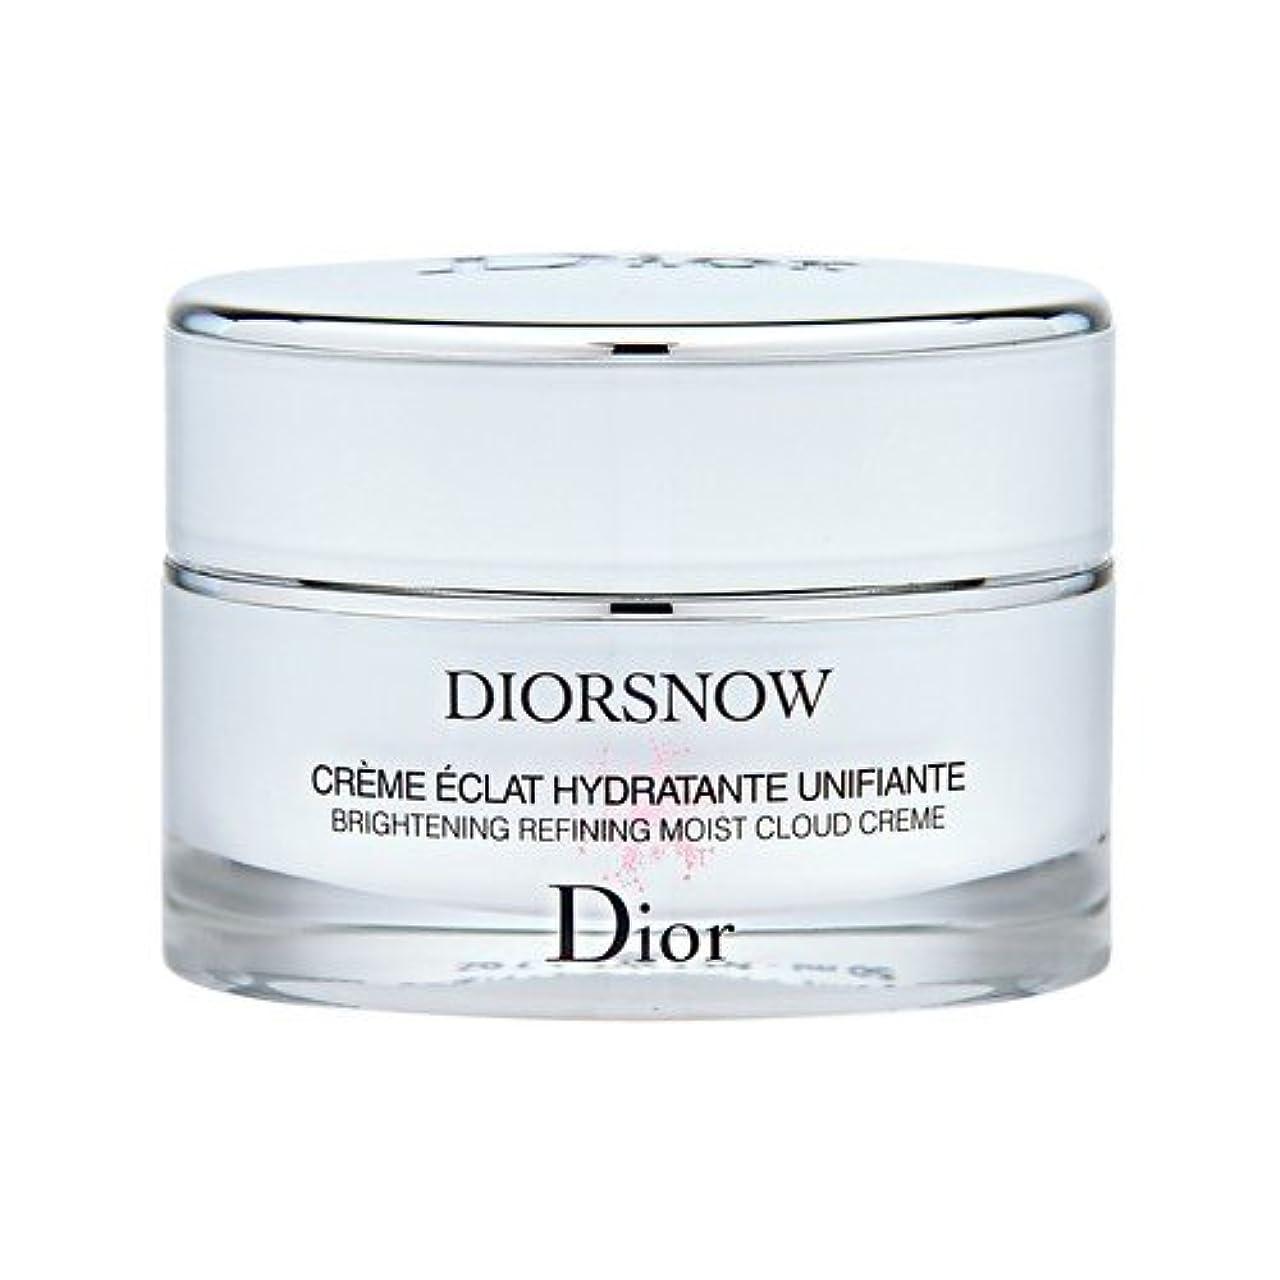 バスト小説国クリスチャン ディオール(Christian Dior) スノー ブライトニング モイスト クリーム 50ml[並行輸入品]